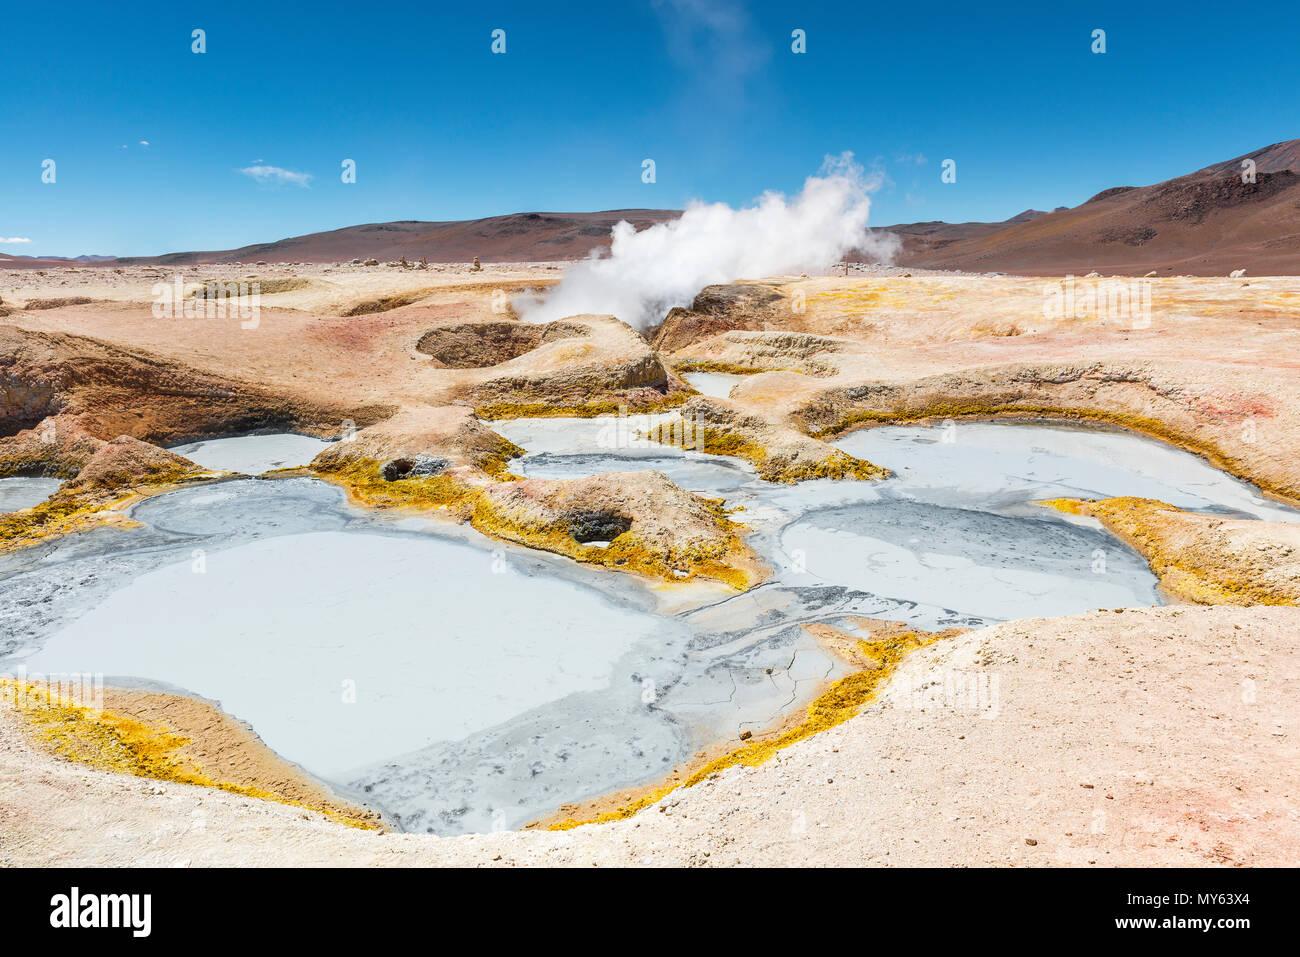 L'activité volcanique du sol de Mañana en Bolivie entre le Chili et l'Uyuni Salt Flat. Puits de boue et les fumerolles de vapeur d'eau les sentiers dans les Andes. Photo Stock